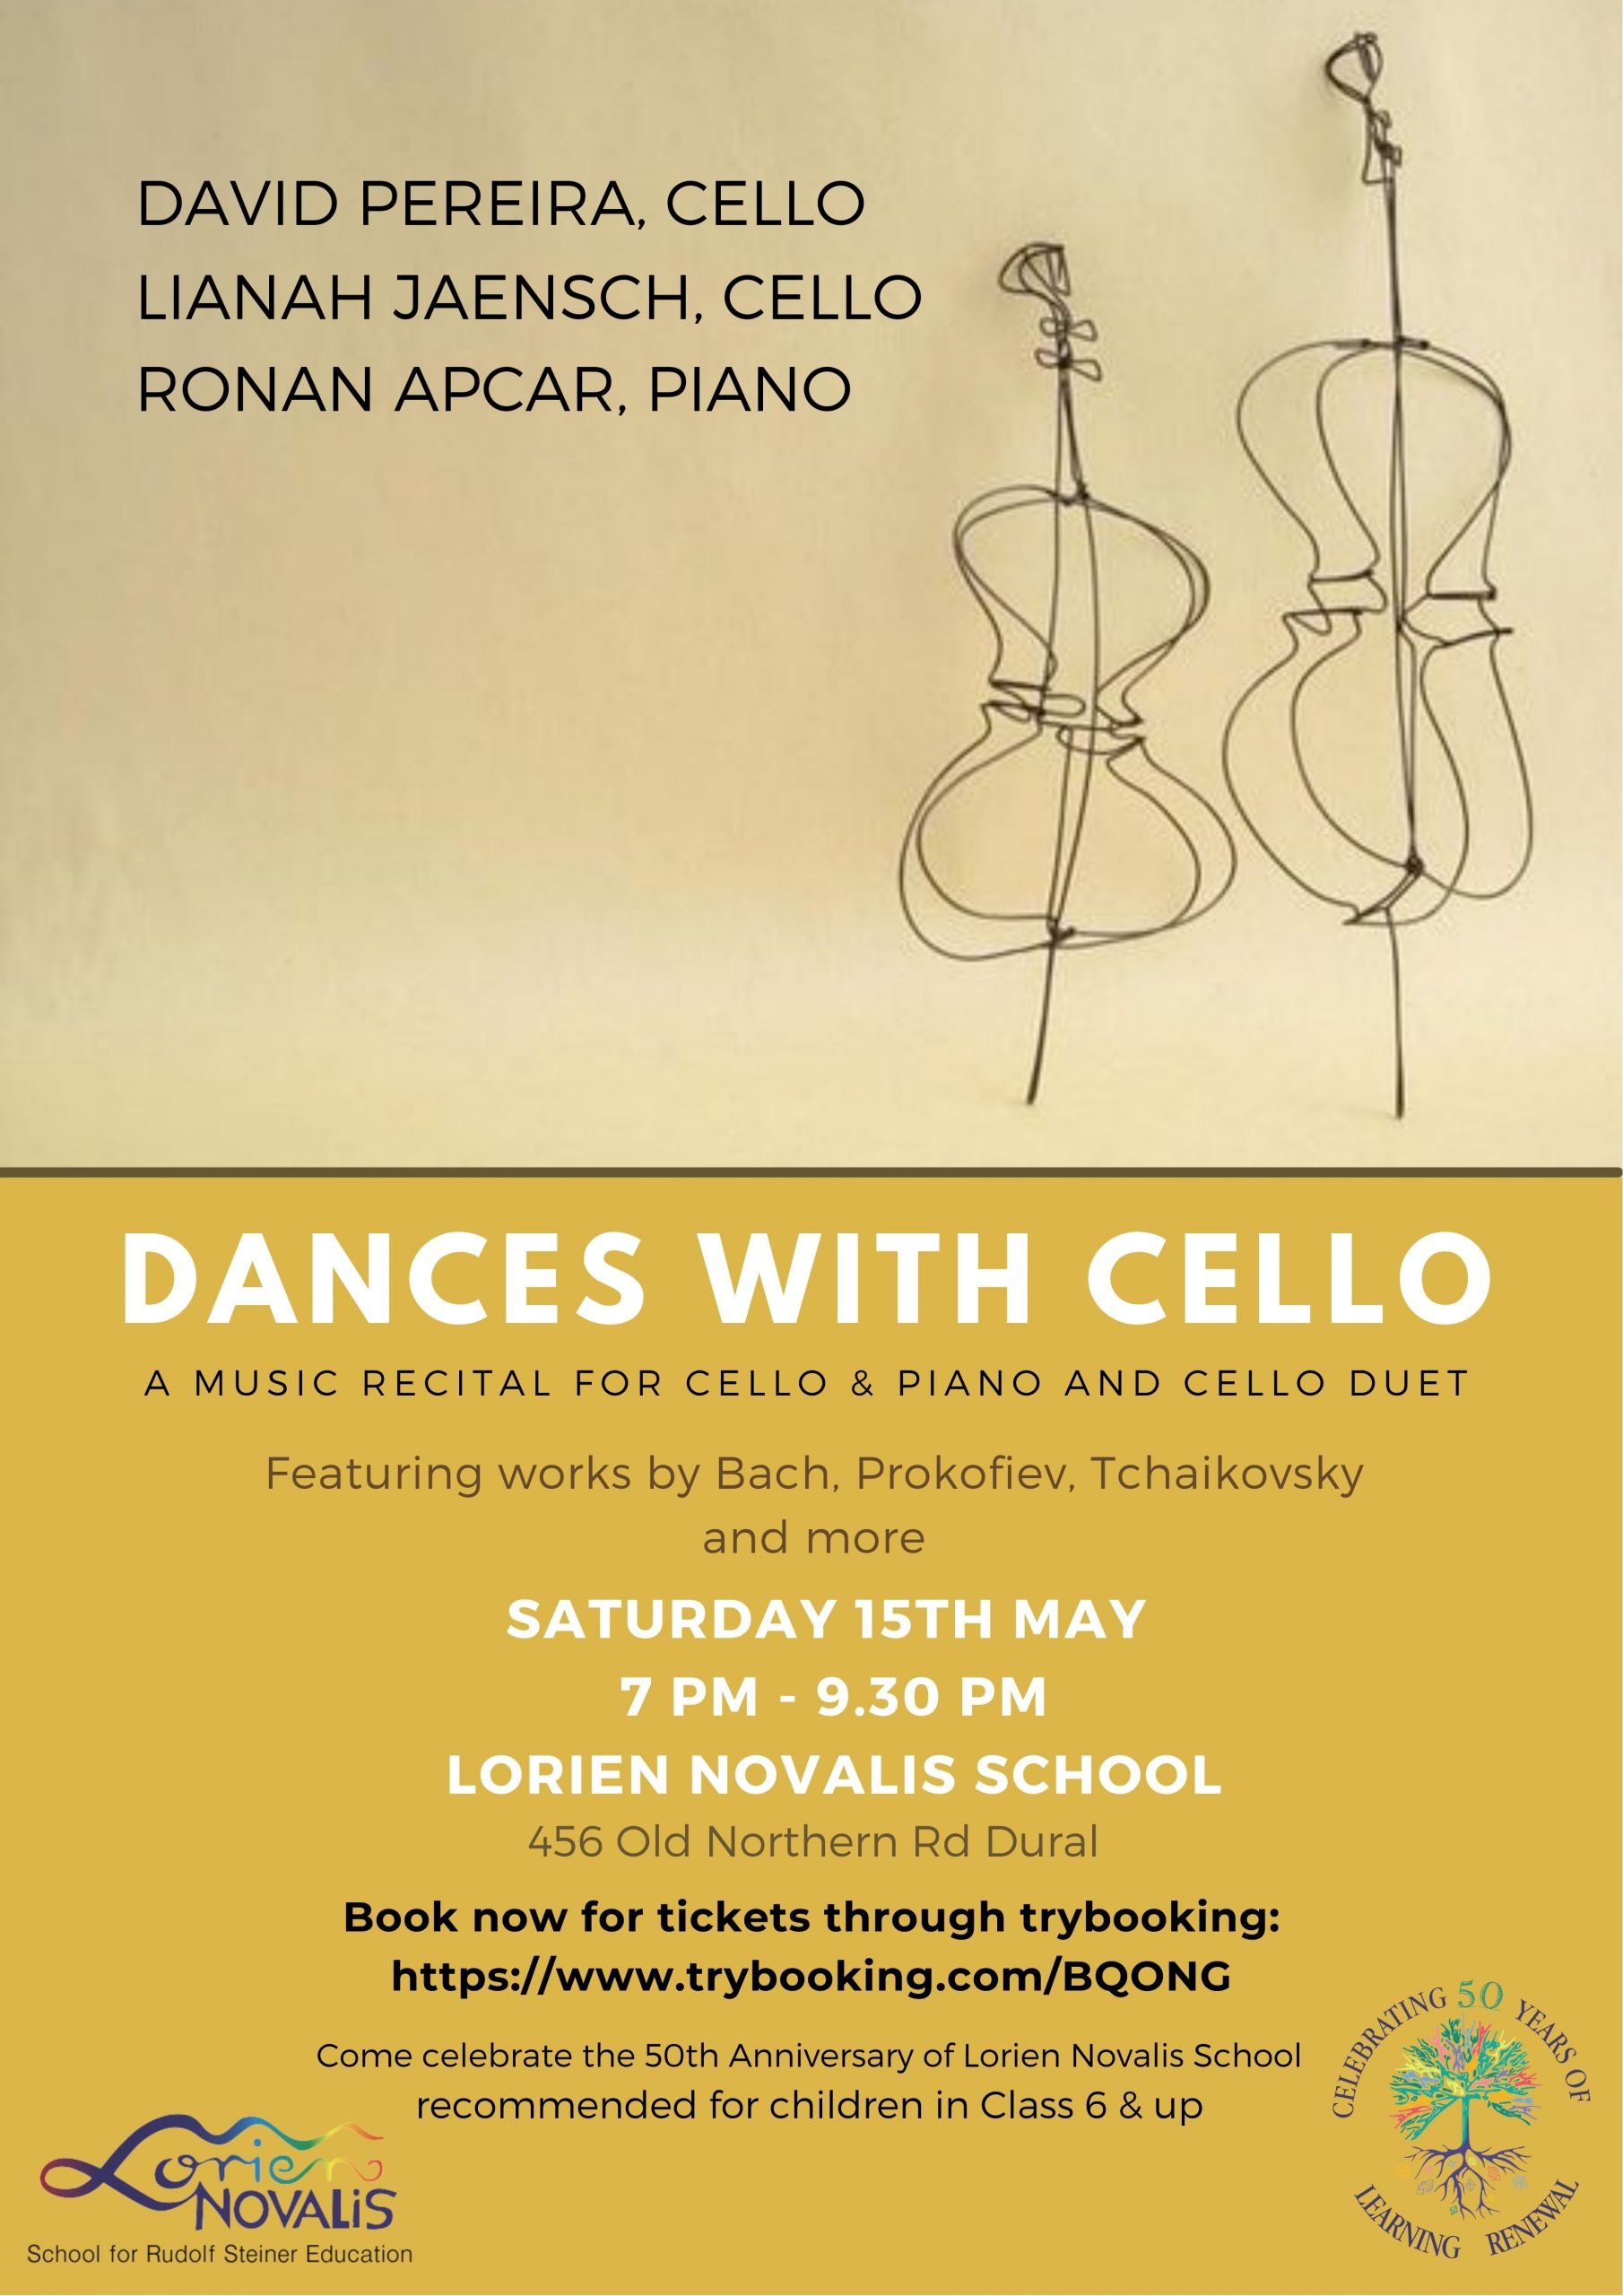 Lorien Novalis dances with cello